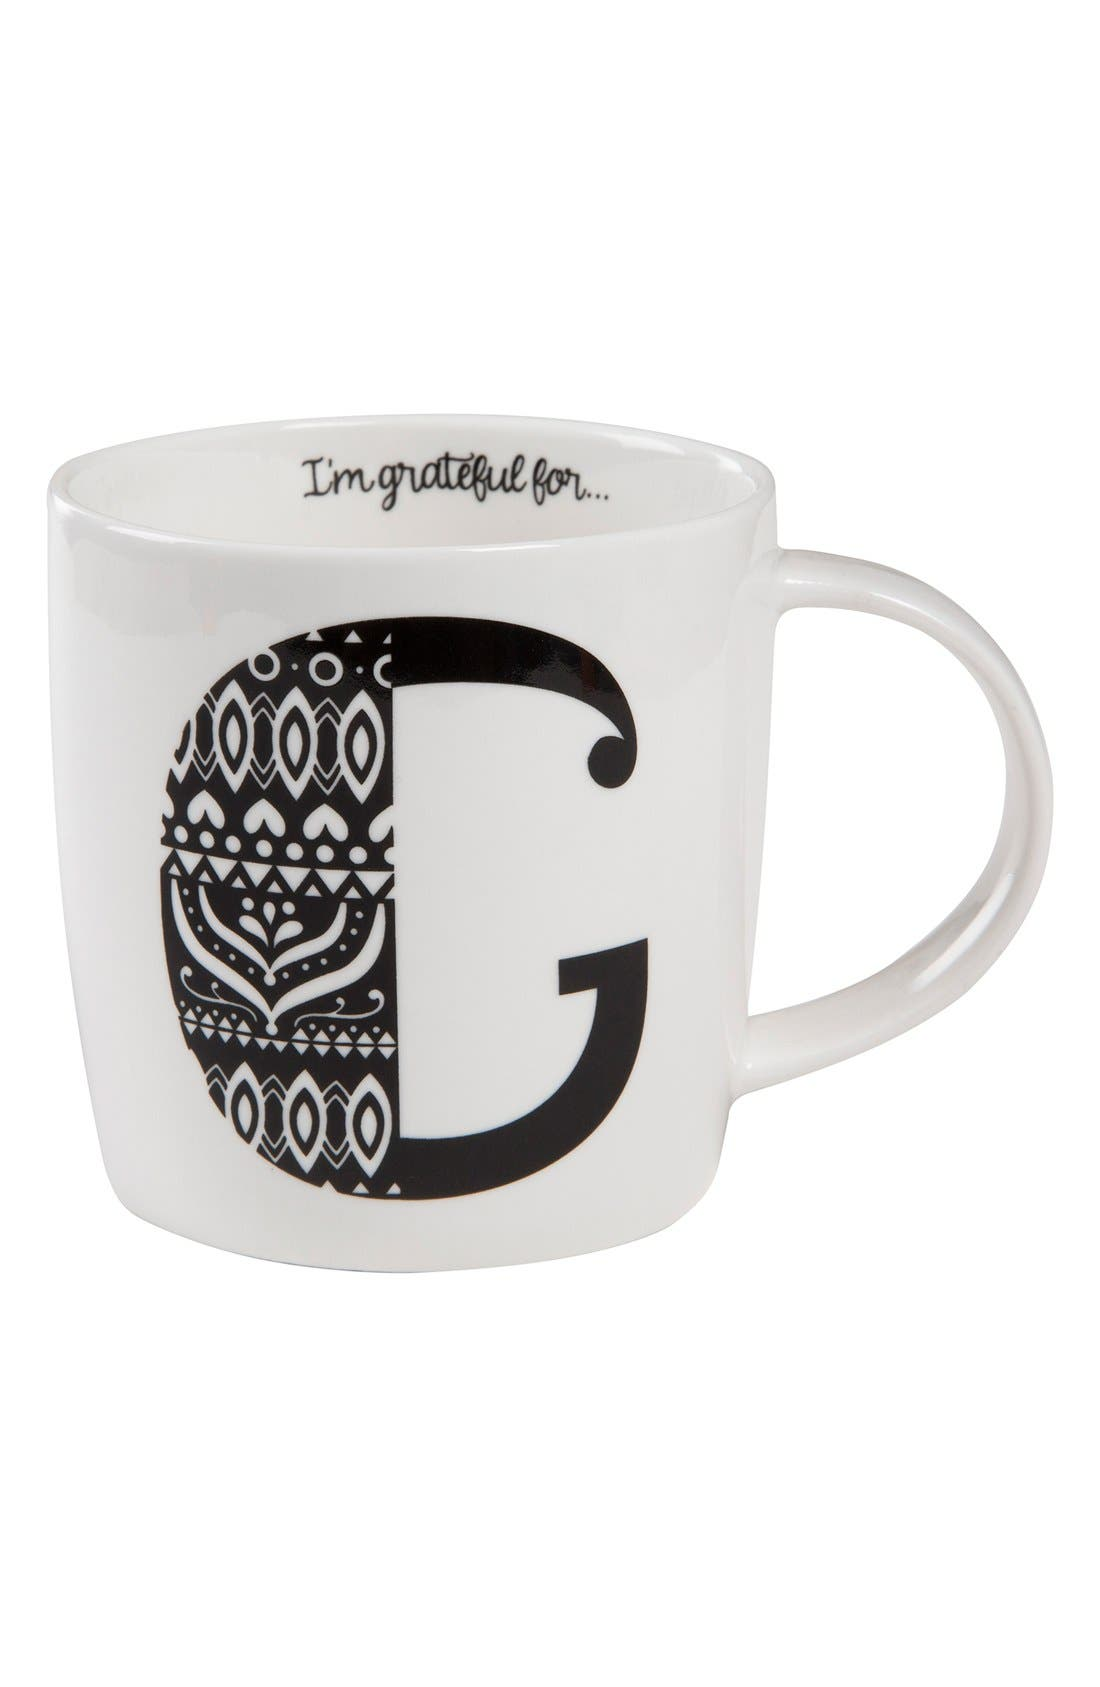 Initial Ceramic Mug,                         Main,                         color, White - G